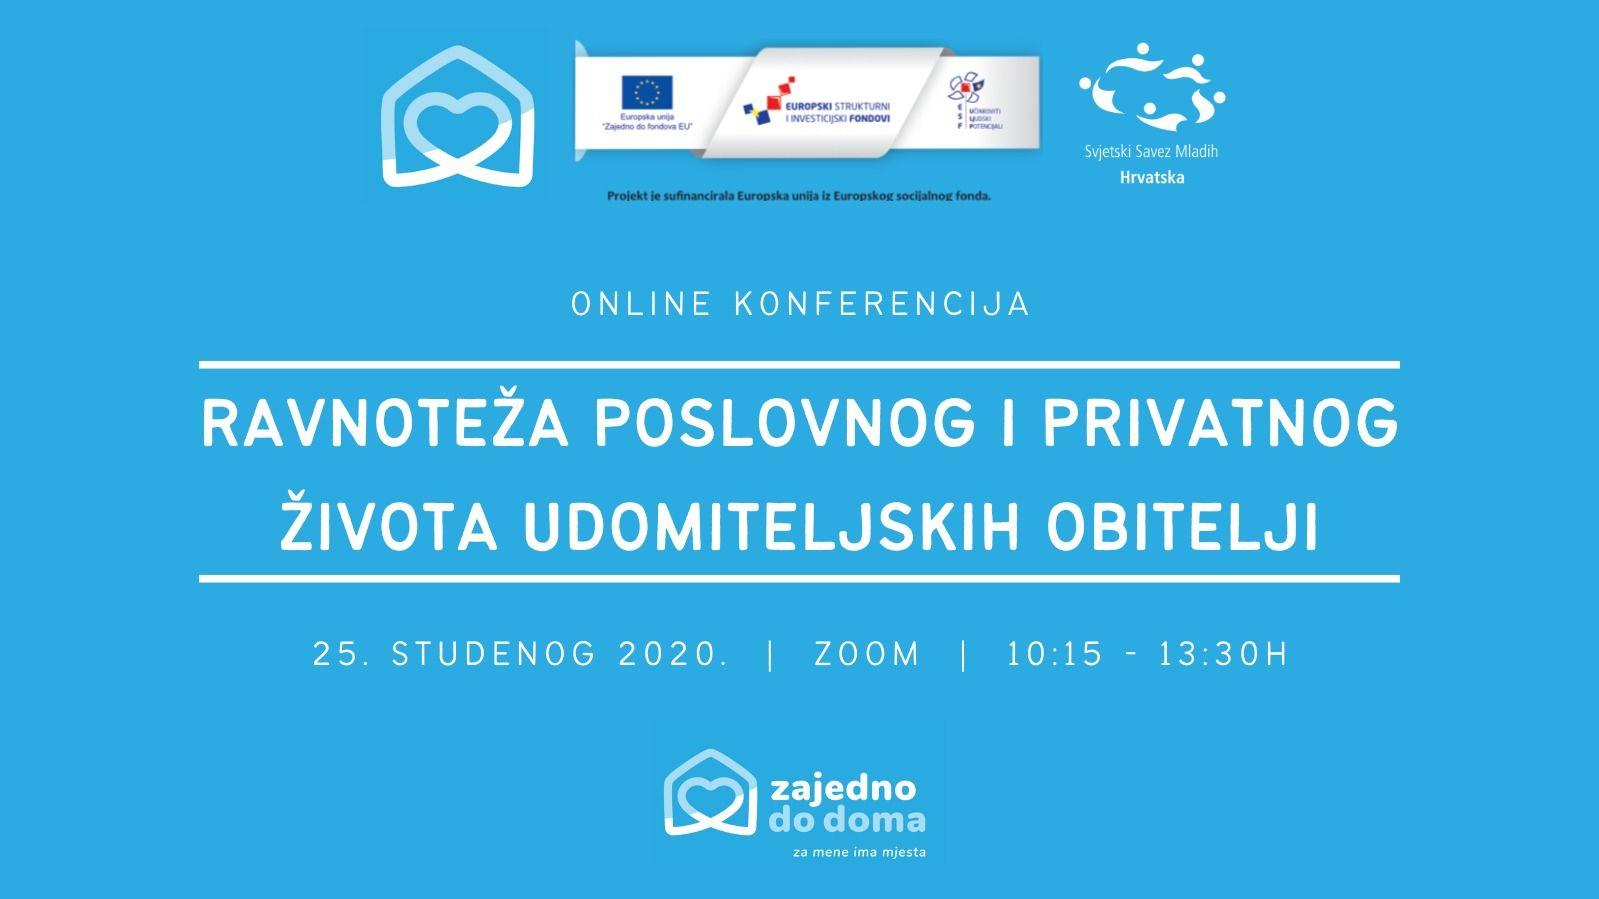 """Online konferencija """"Ravnoteža privatnog i poslovnog života udomiteljskih obitelji"""""""